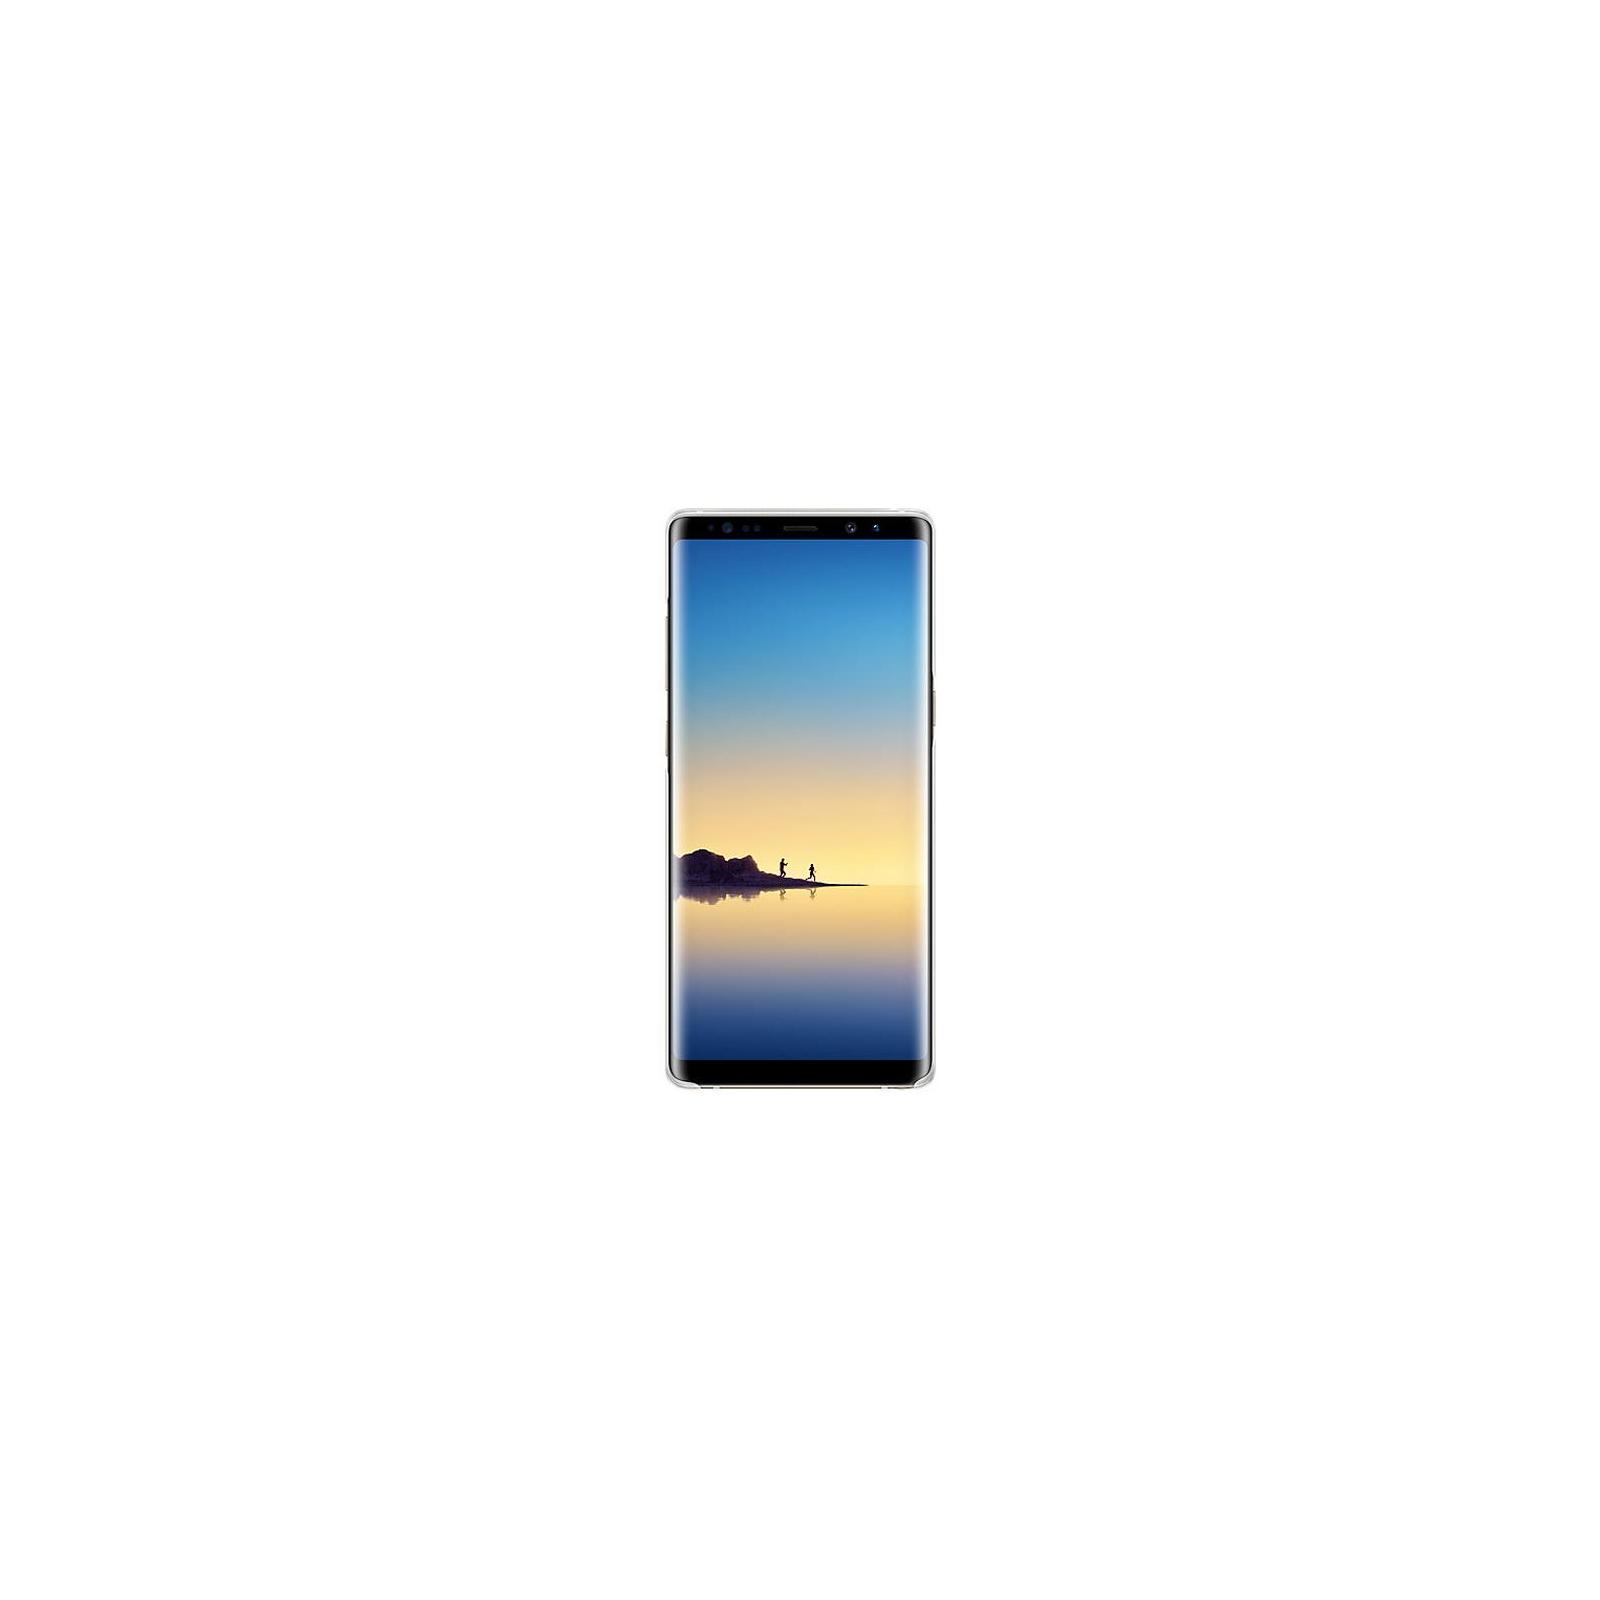 Чехол для моб. телефона Samsung для Galaxy Note 8 (N950) - Clear Cover (Transparent) (EF-QN950CTEGRU) изображение 5